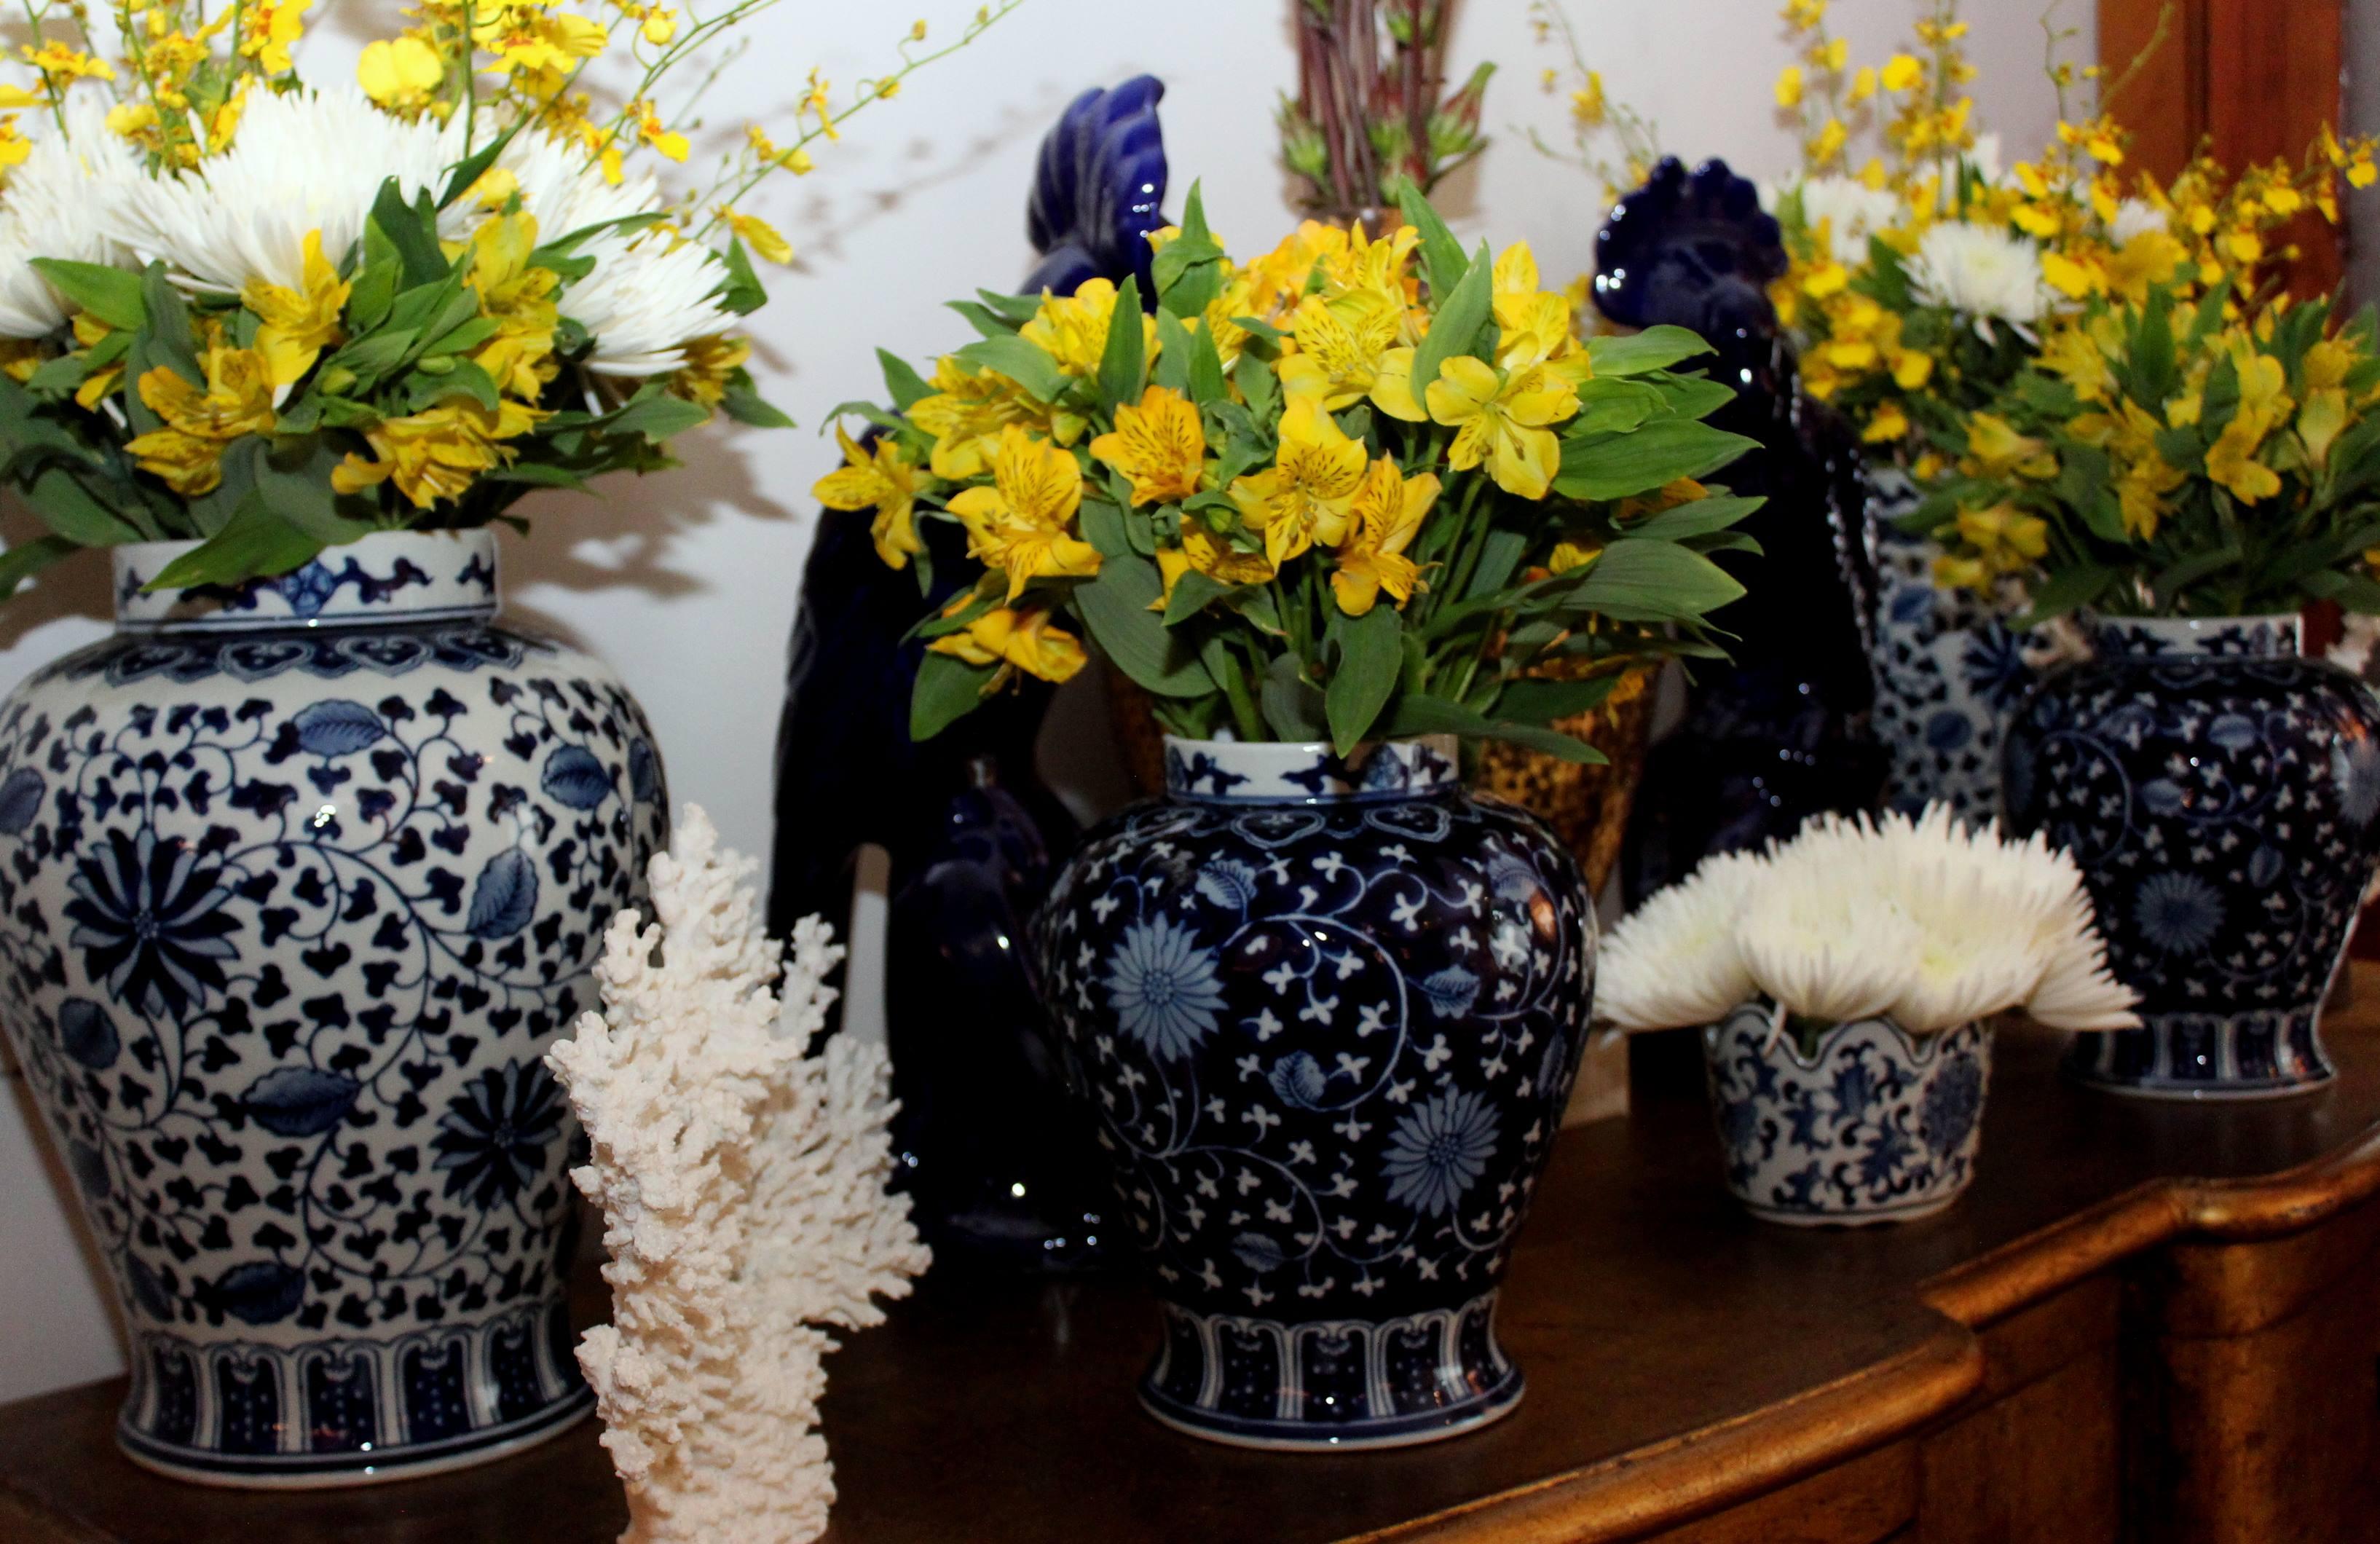 decoracao branco amarelo : decoracao branco amarelo: de Casamento Decoração Amarelo e Branco com mix de estilos